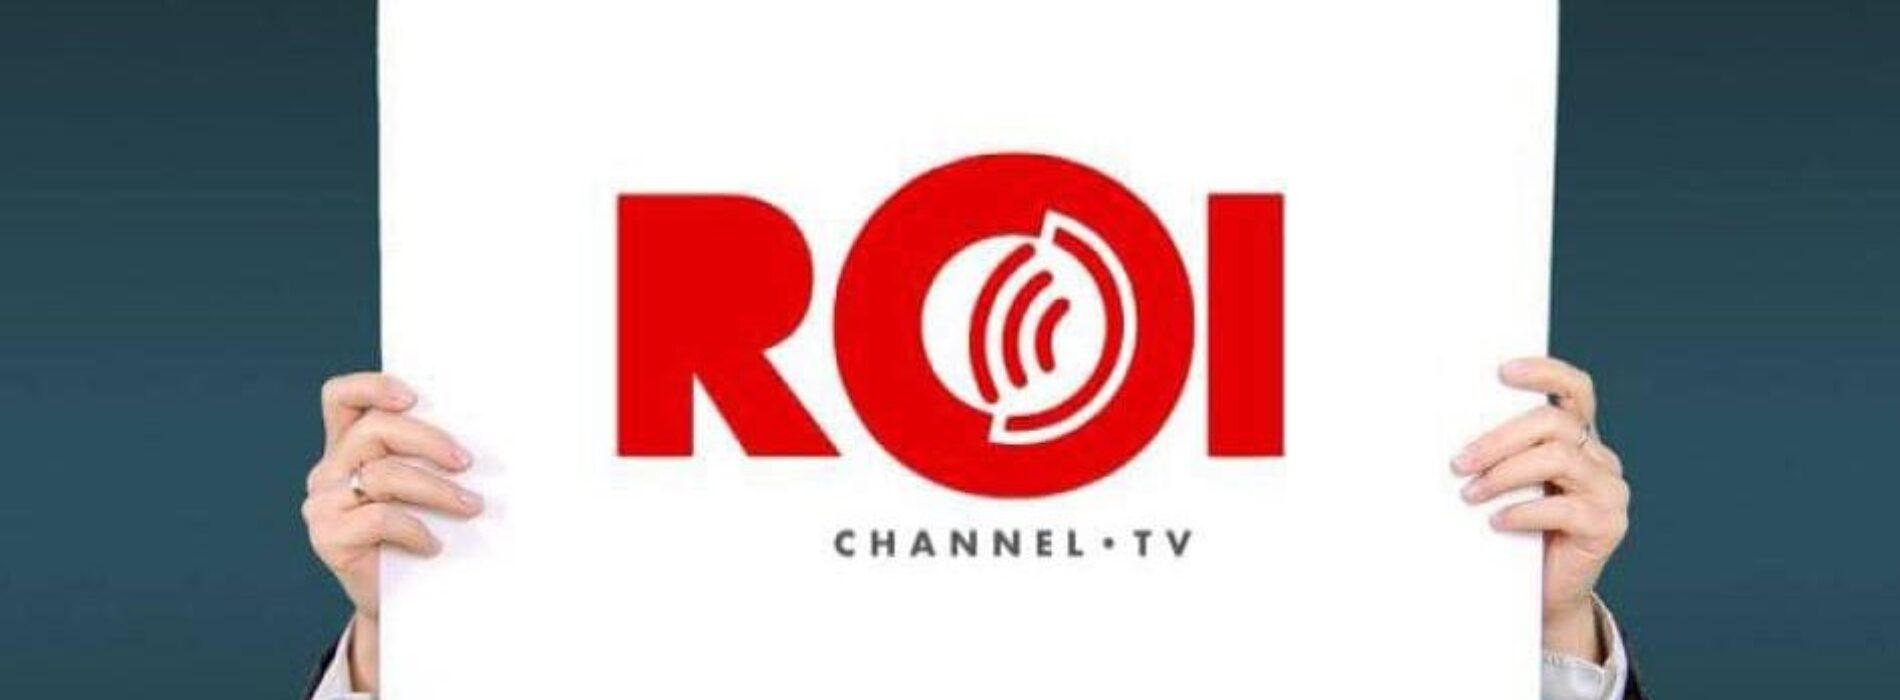 Roi Channel, va da Napoli a New York la web tv degli emigranti